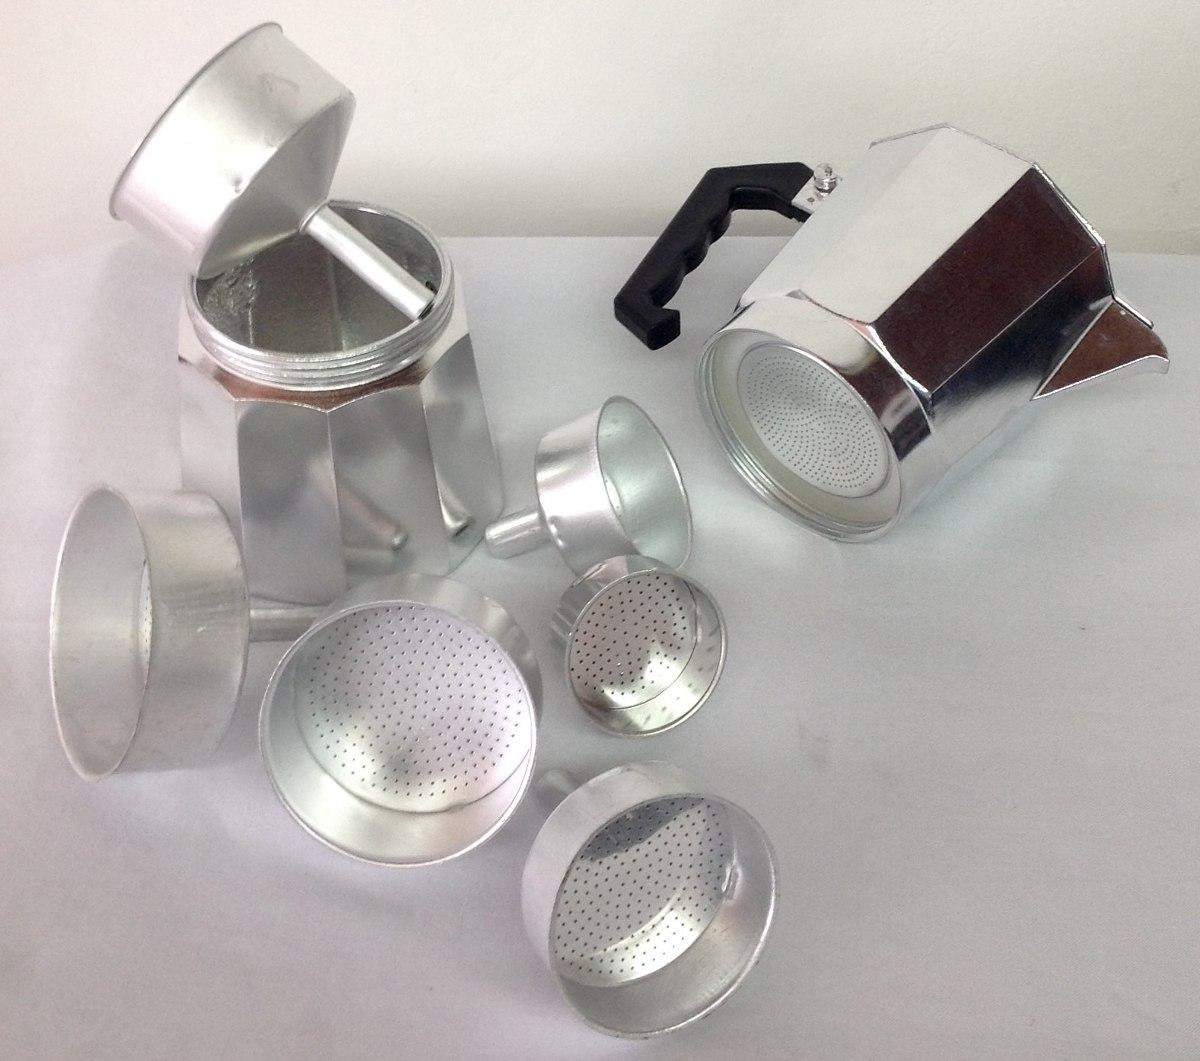 Recambio filtro de cafetera con 3 gomas universal para 3 6 9